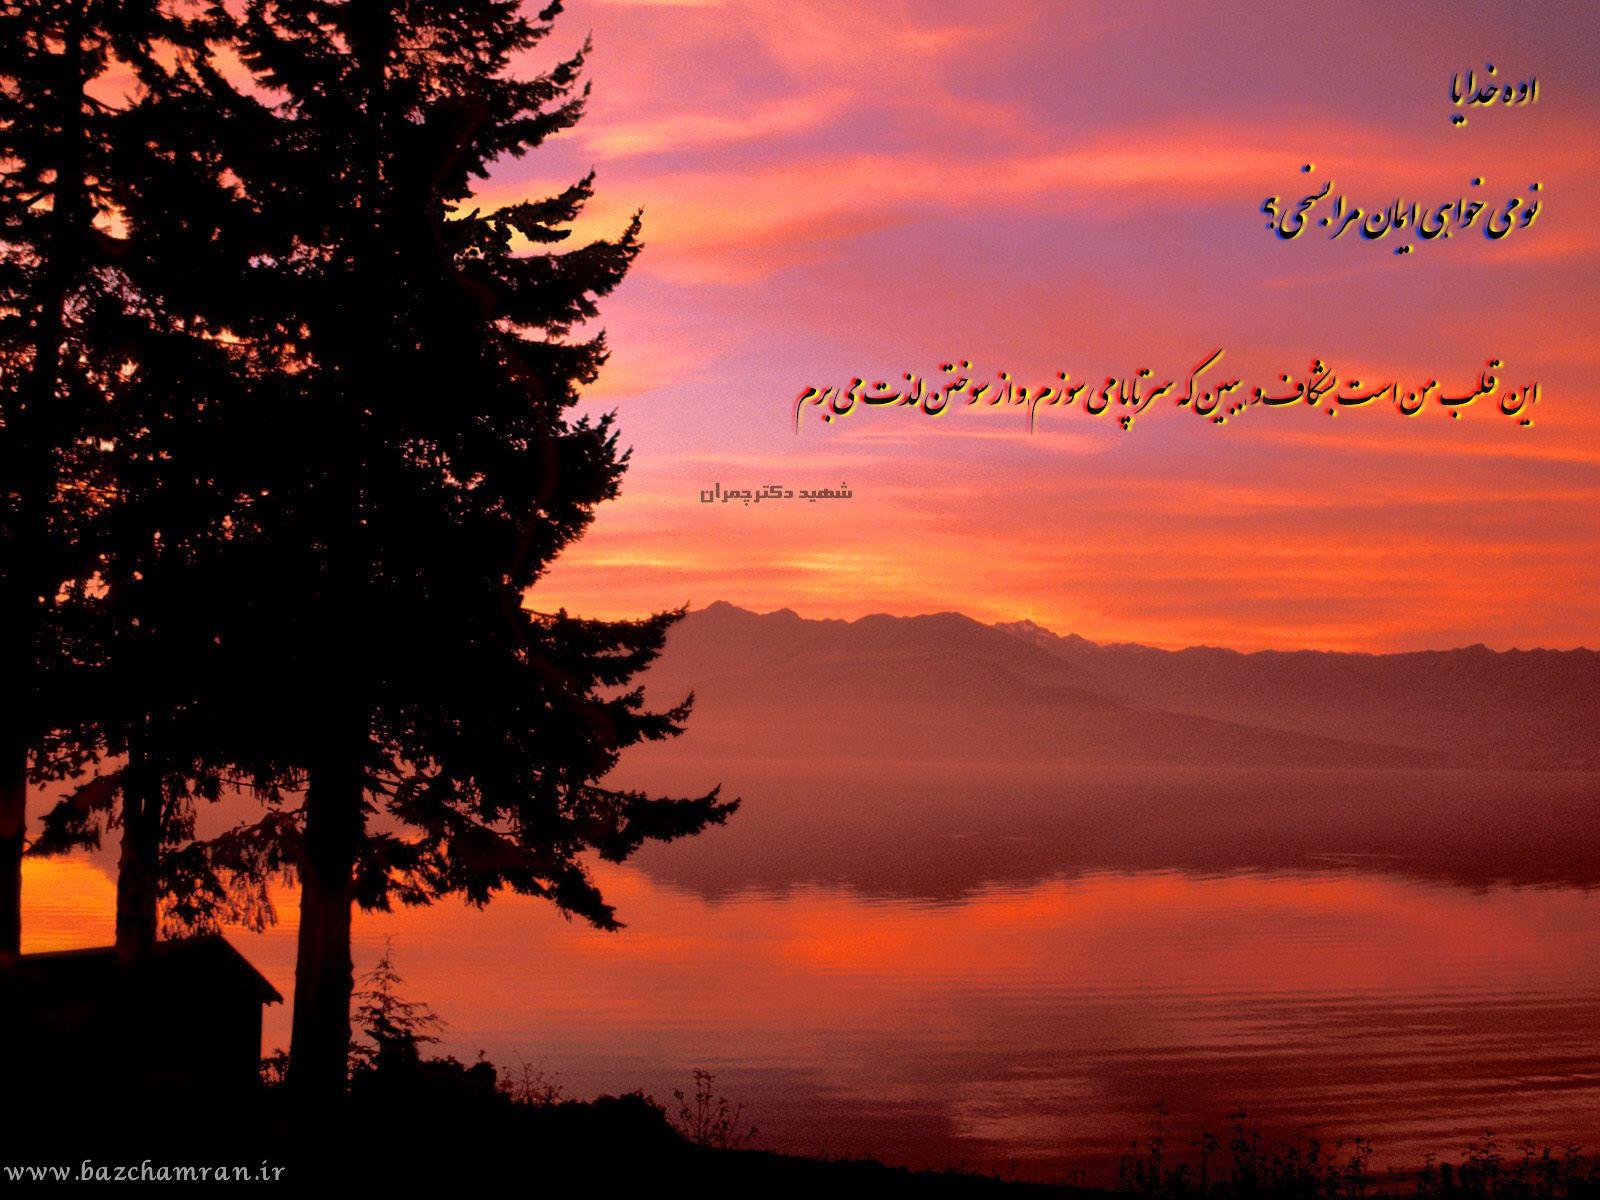 عکس نوشته ظلم - گالري عکس